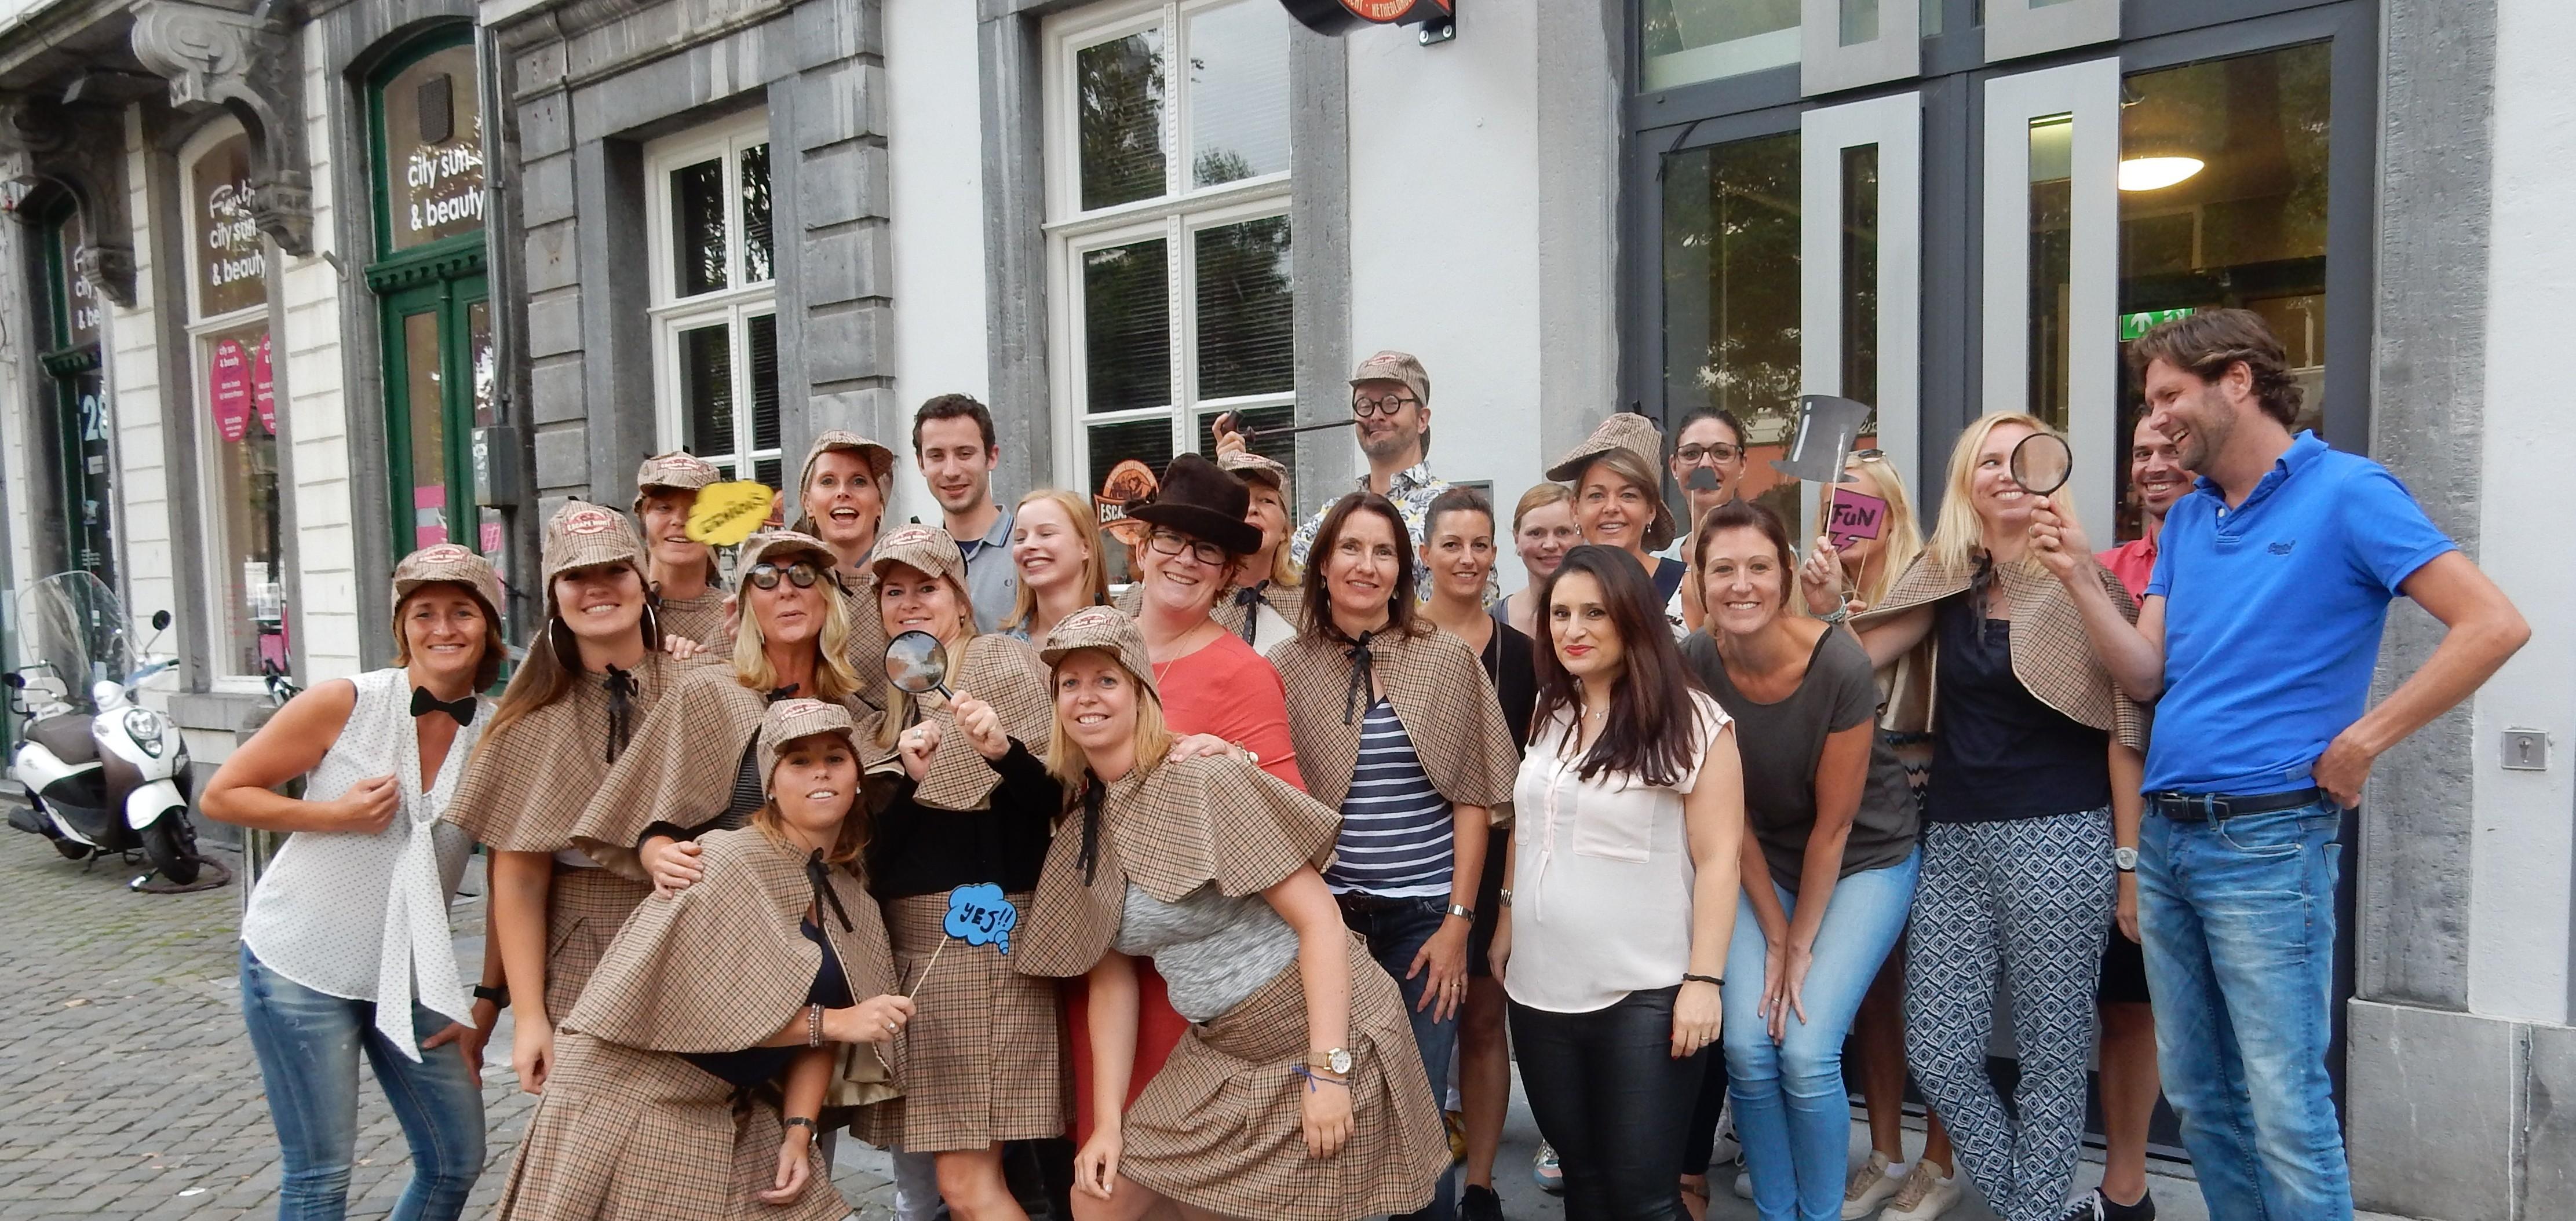 Bedrijfsuitje-Maastricht-groep-escape-room-spelers-buiten-e1488715583163